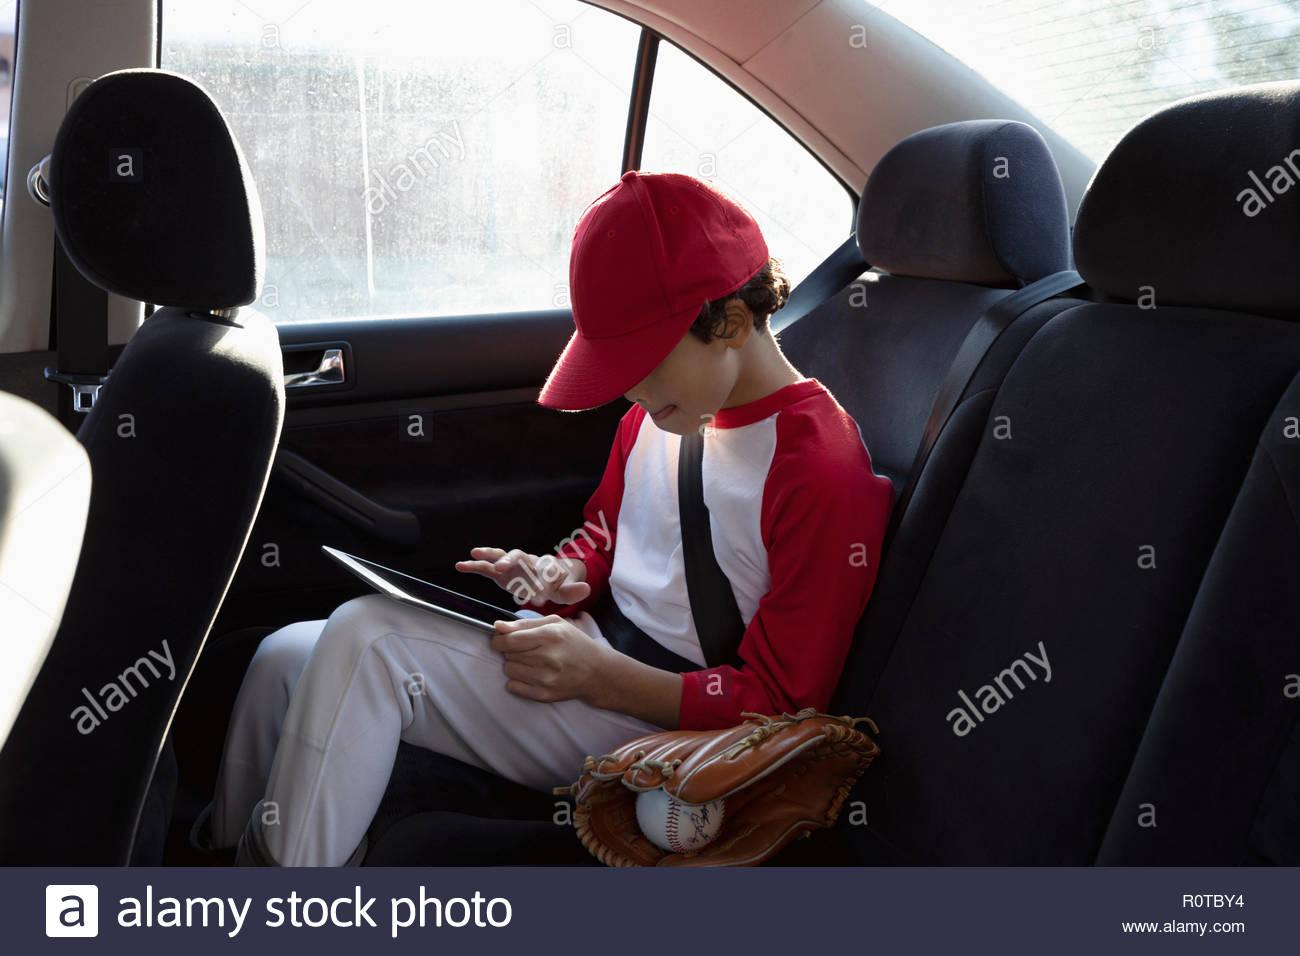 Ragazzo in uniforme da baseball con tavoletta digitale nel sedile posteriore della macchina Immagini Stock